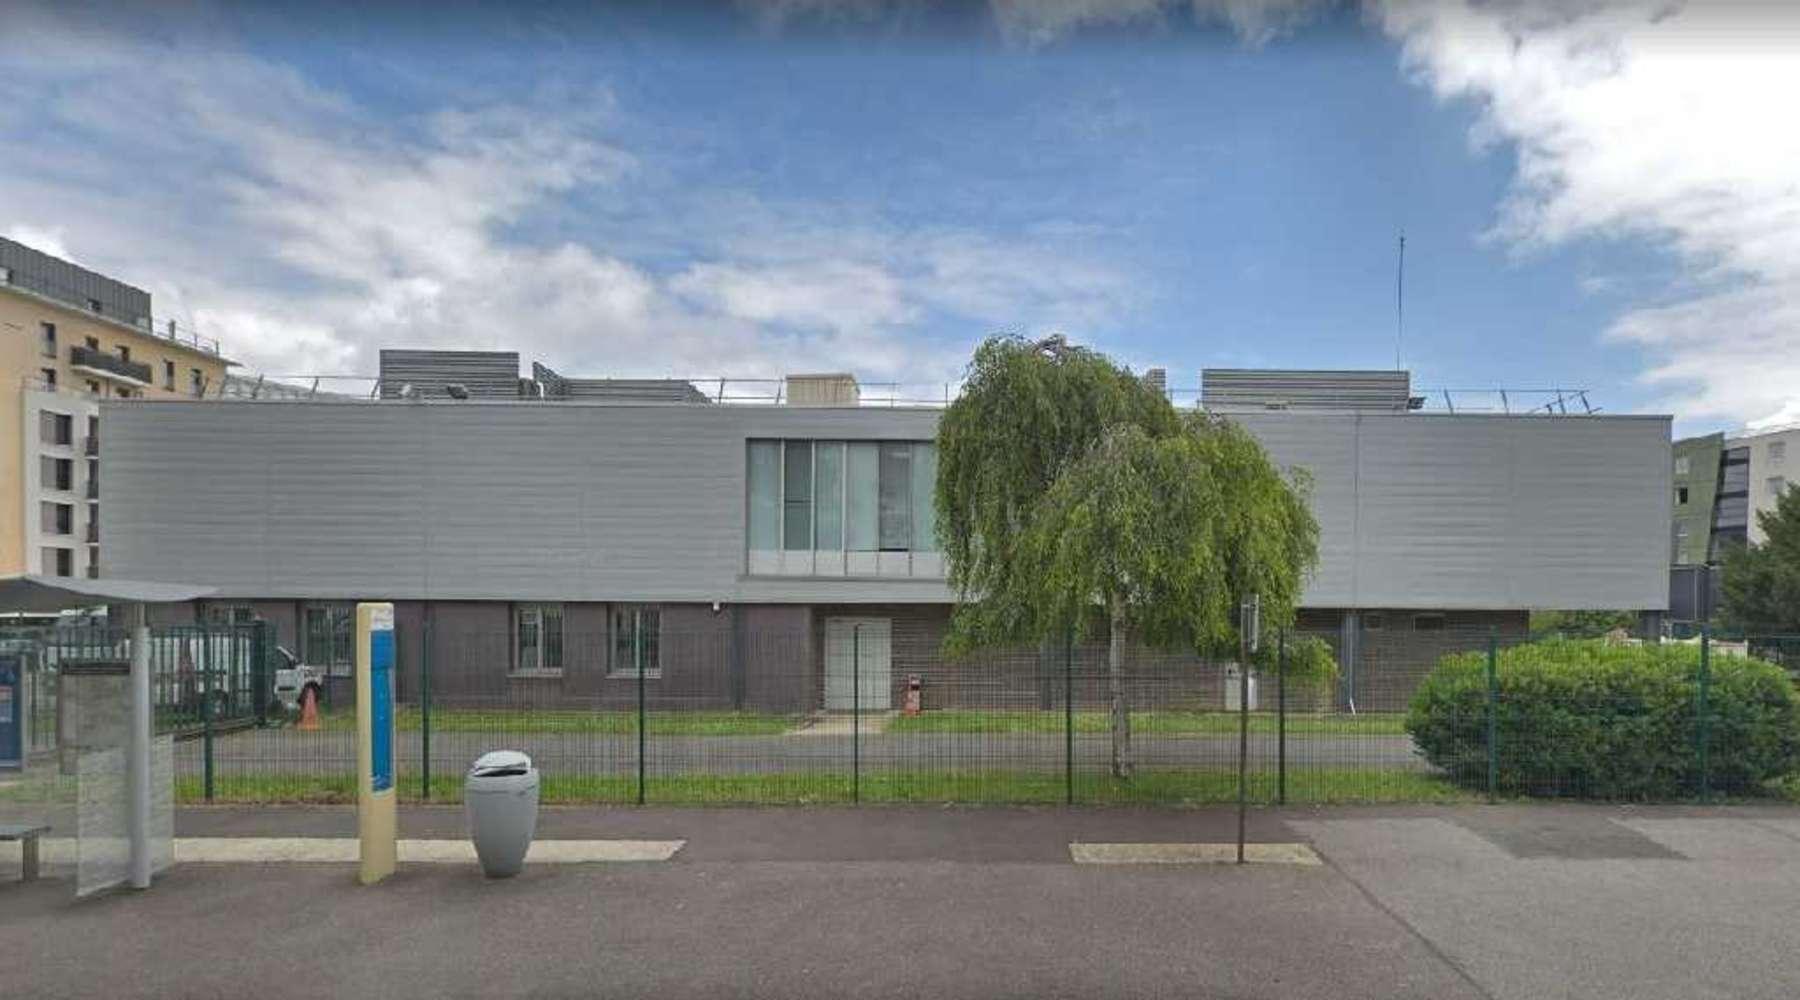 Activités/entrepôt Velizy villacoublay, 78140 - INOVEL PARC - 10475617